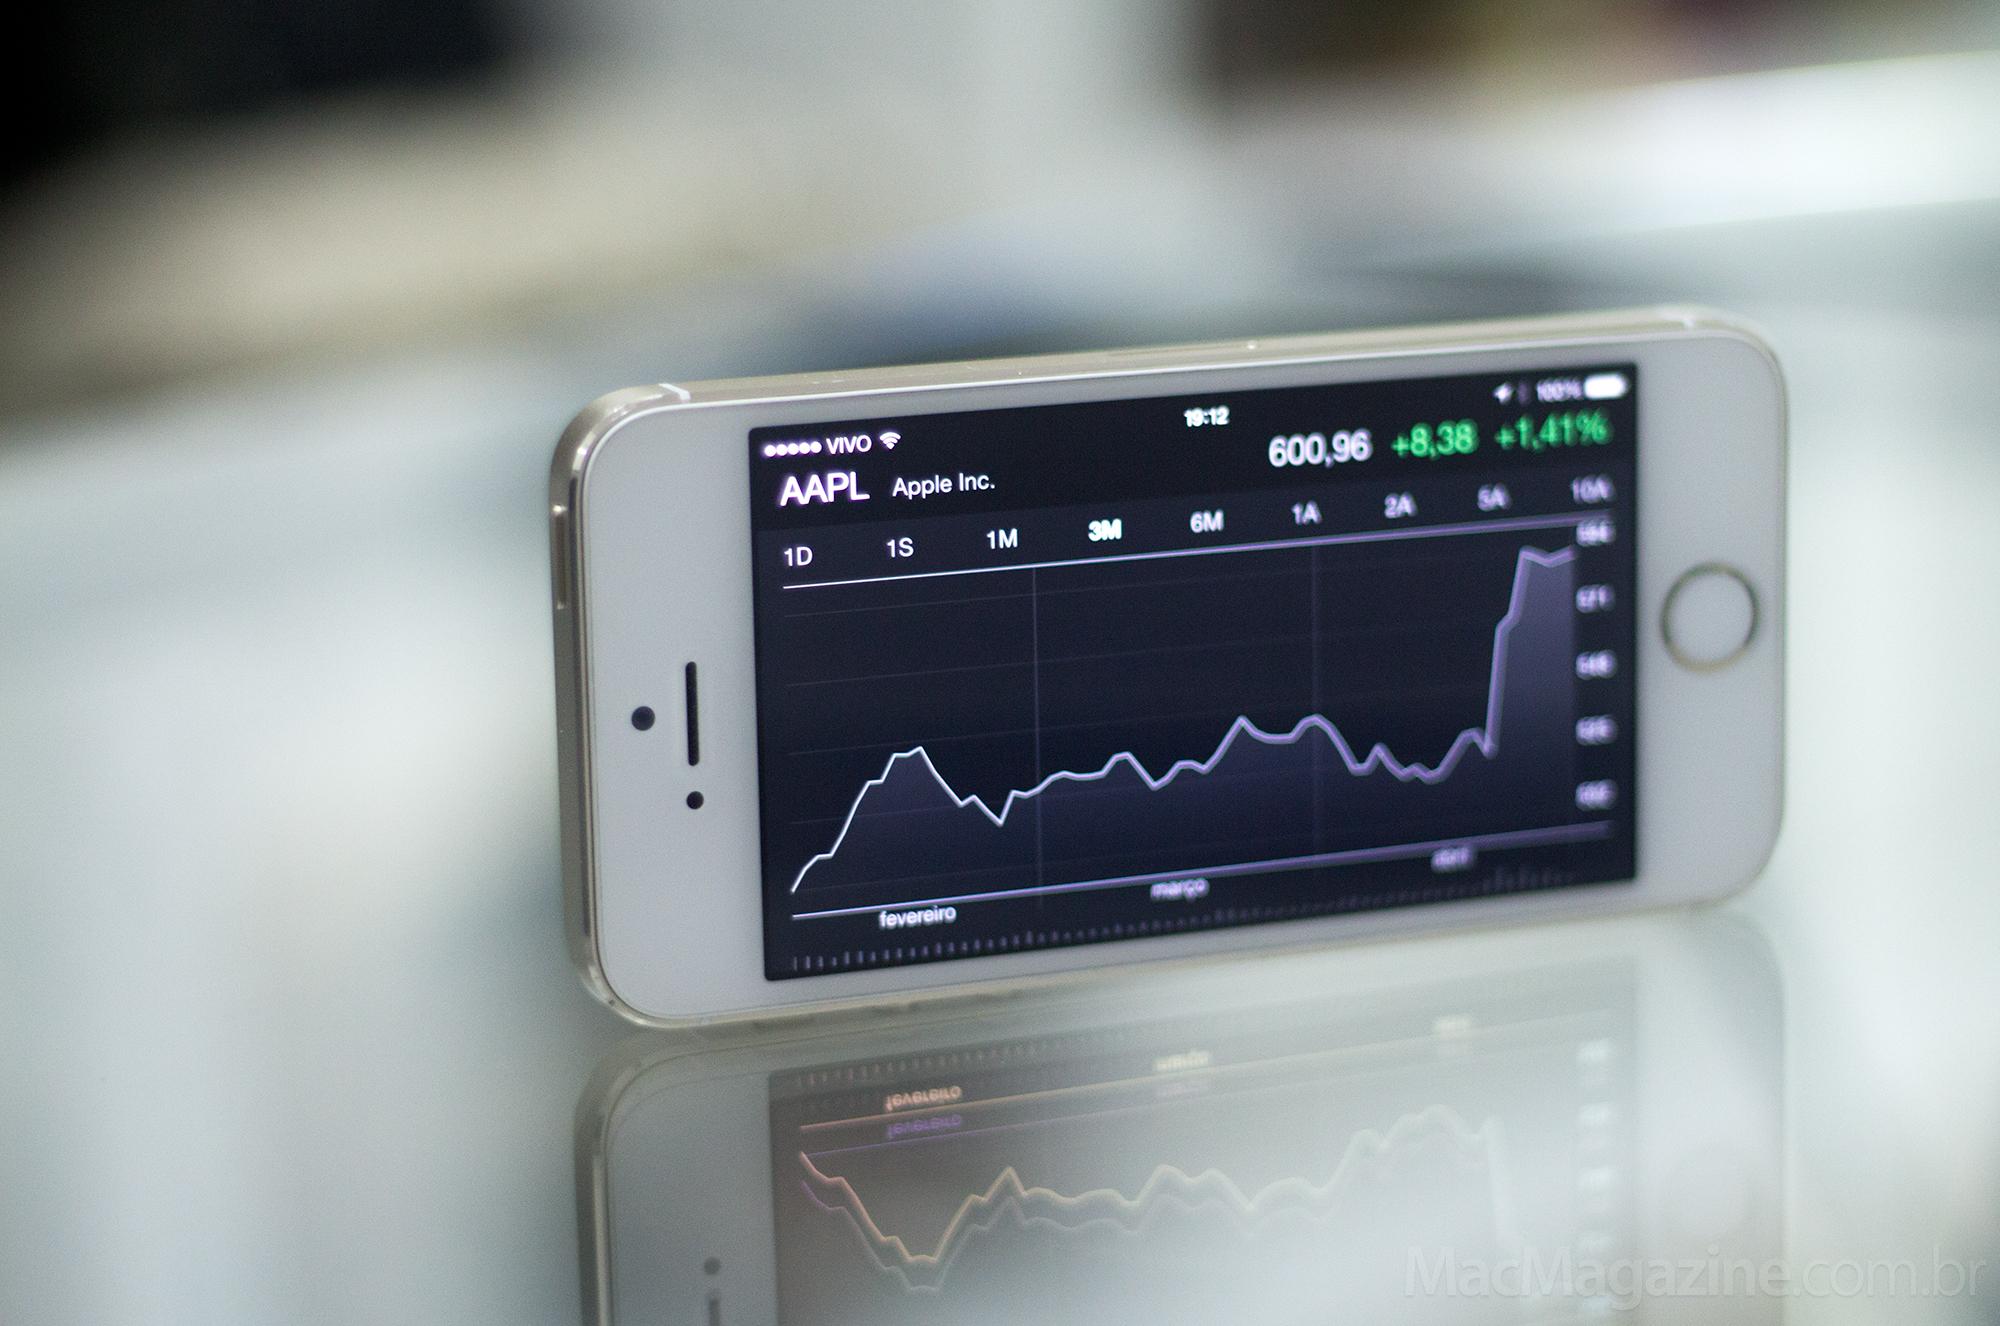 AAPL no Bolsa em um iPhone 5s (by MacMagazine)